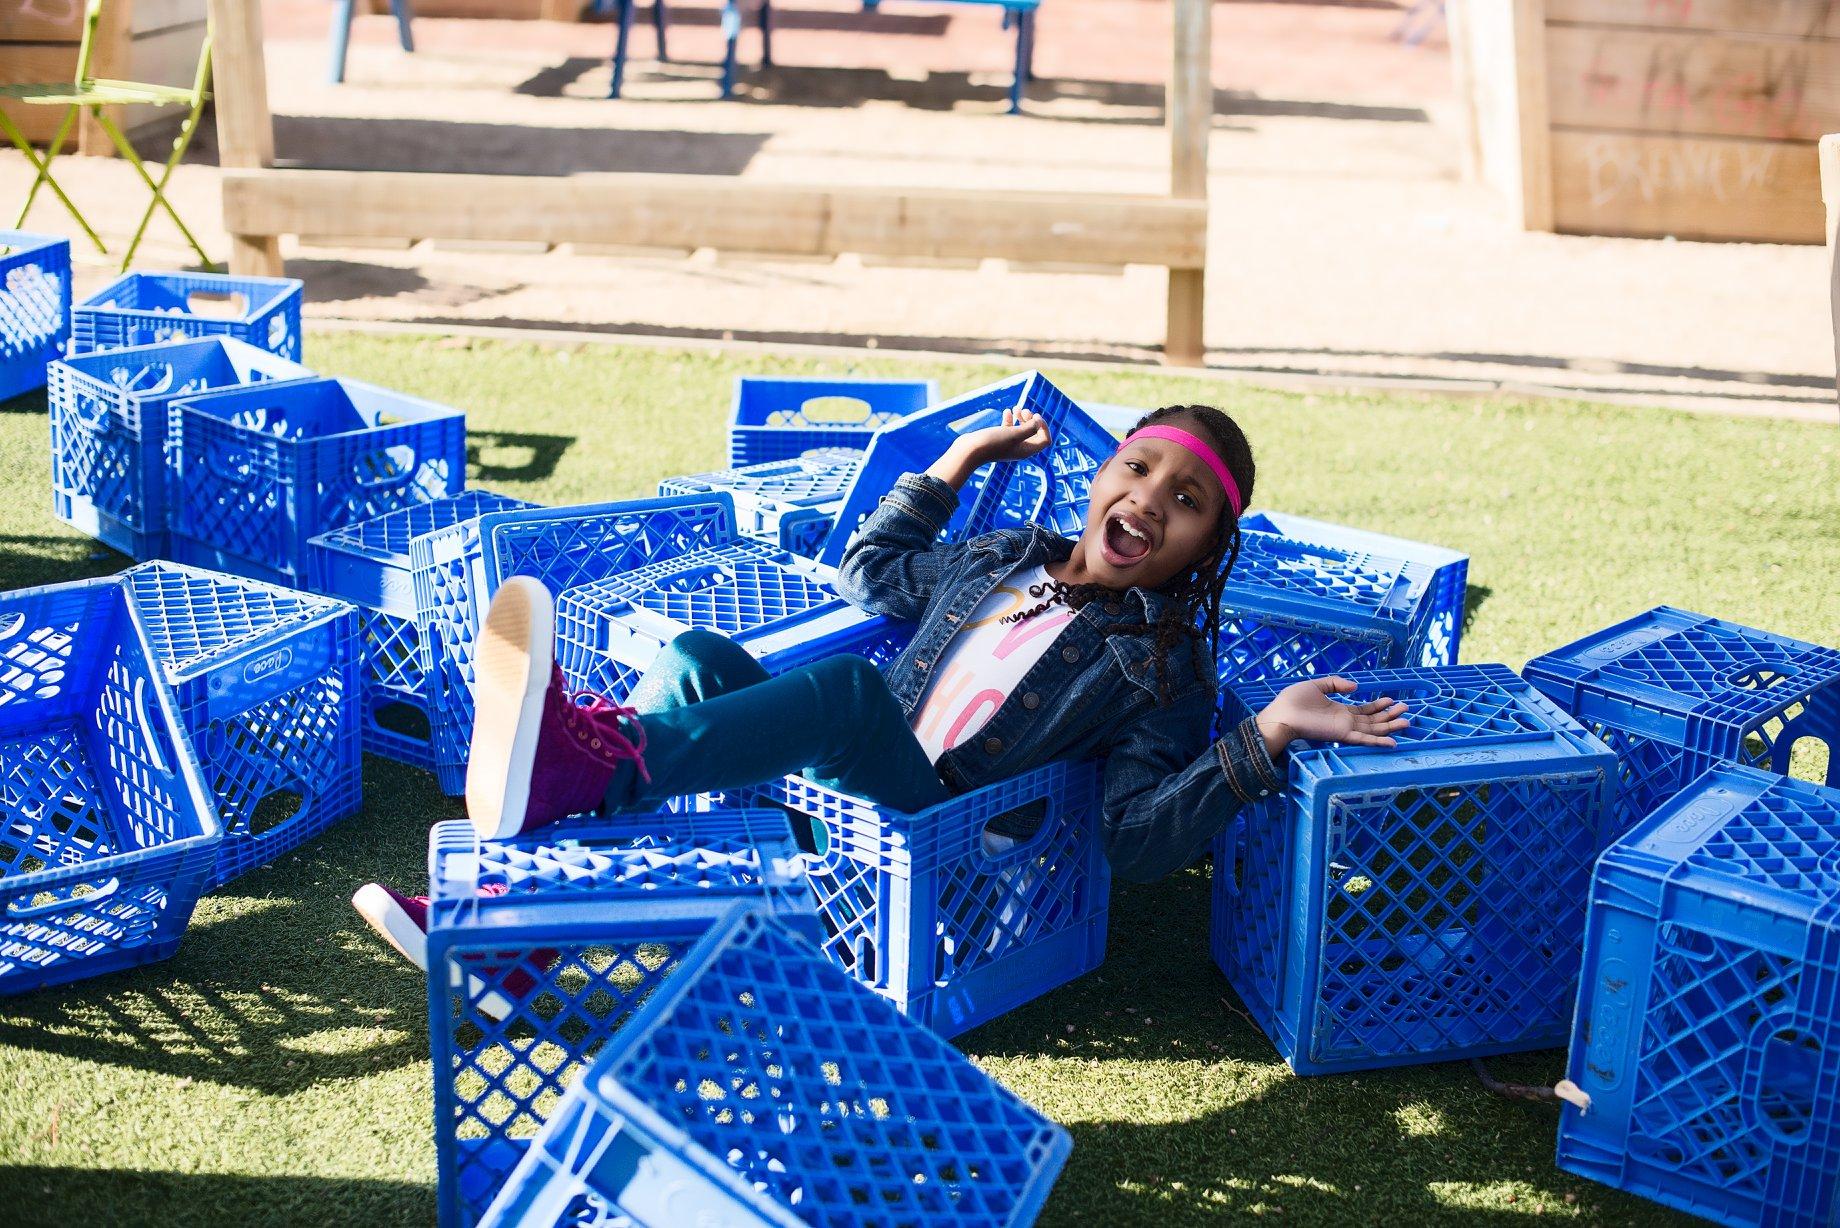 Childrens Photo at Magnolia Mini Park.jpg